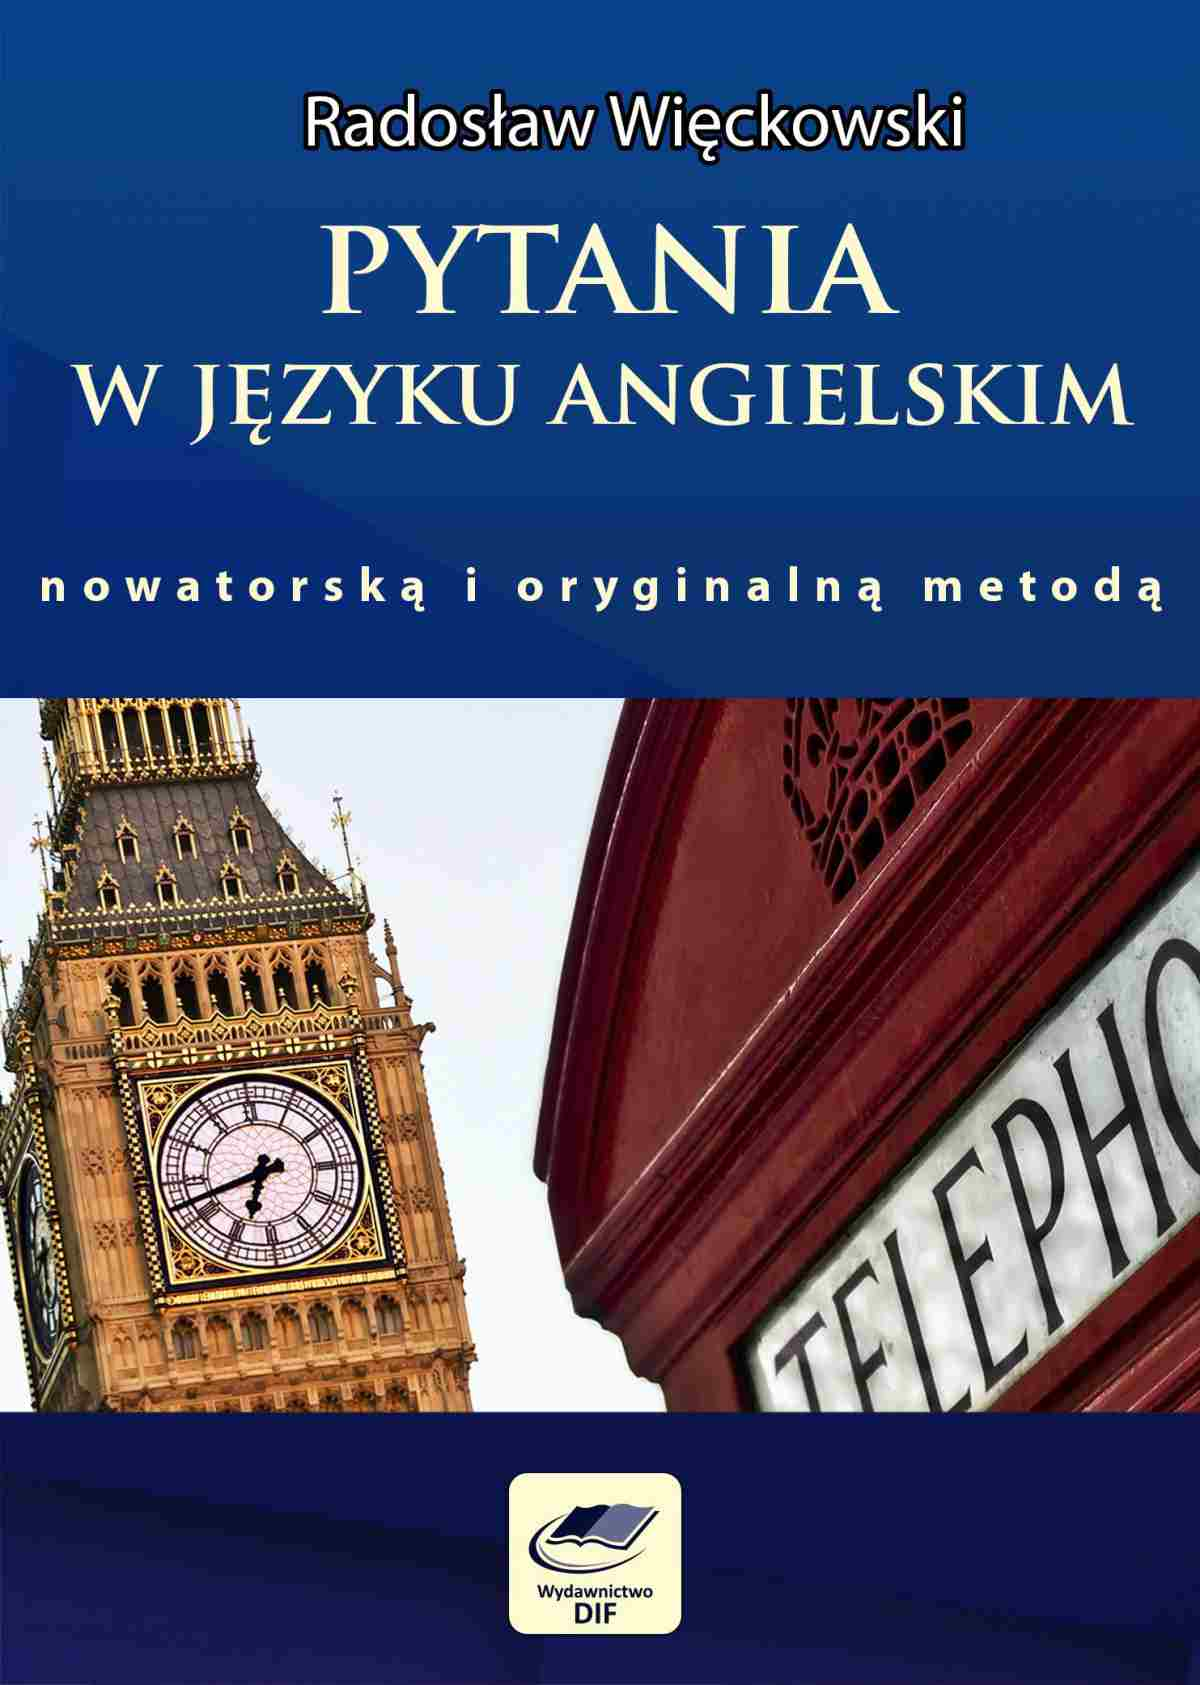 Pytania w języku angielskim nowatorską i oryginalną metodą - Ebook (Książka PDF) do pobrania w formacie PDF